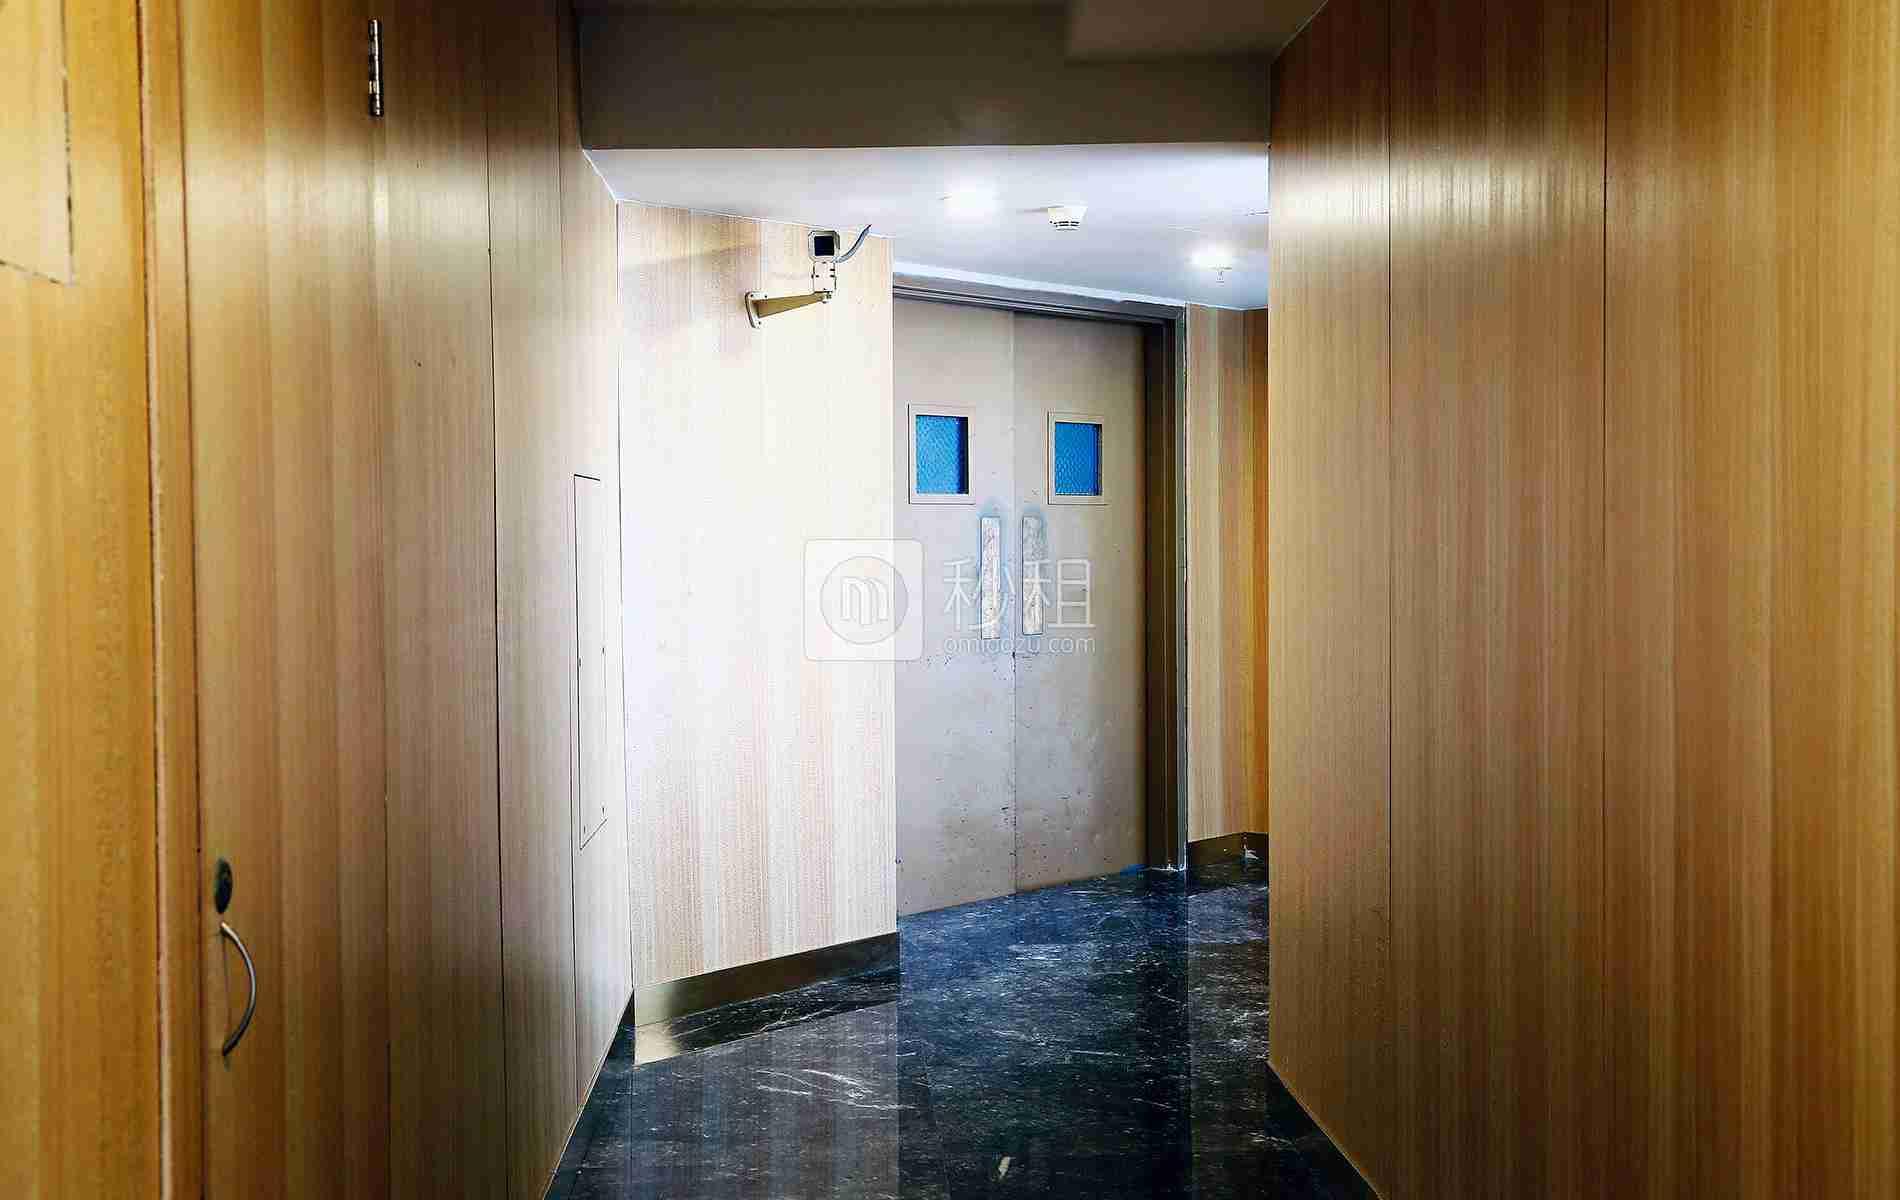 富临大酒店写字楼出租/招租/租赁,富临大酒店办公室出租/招租/租赁